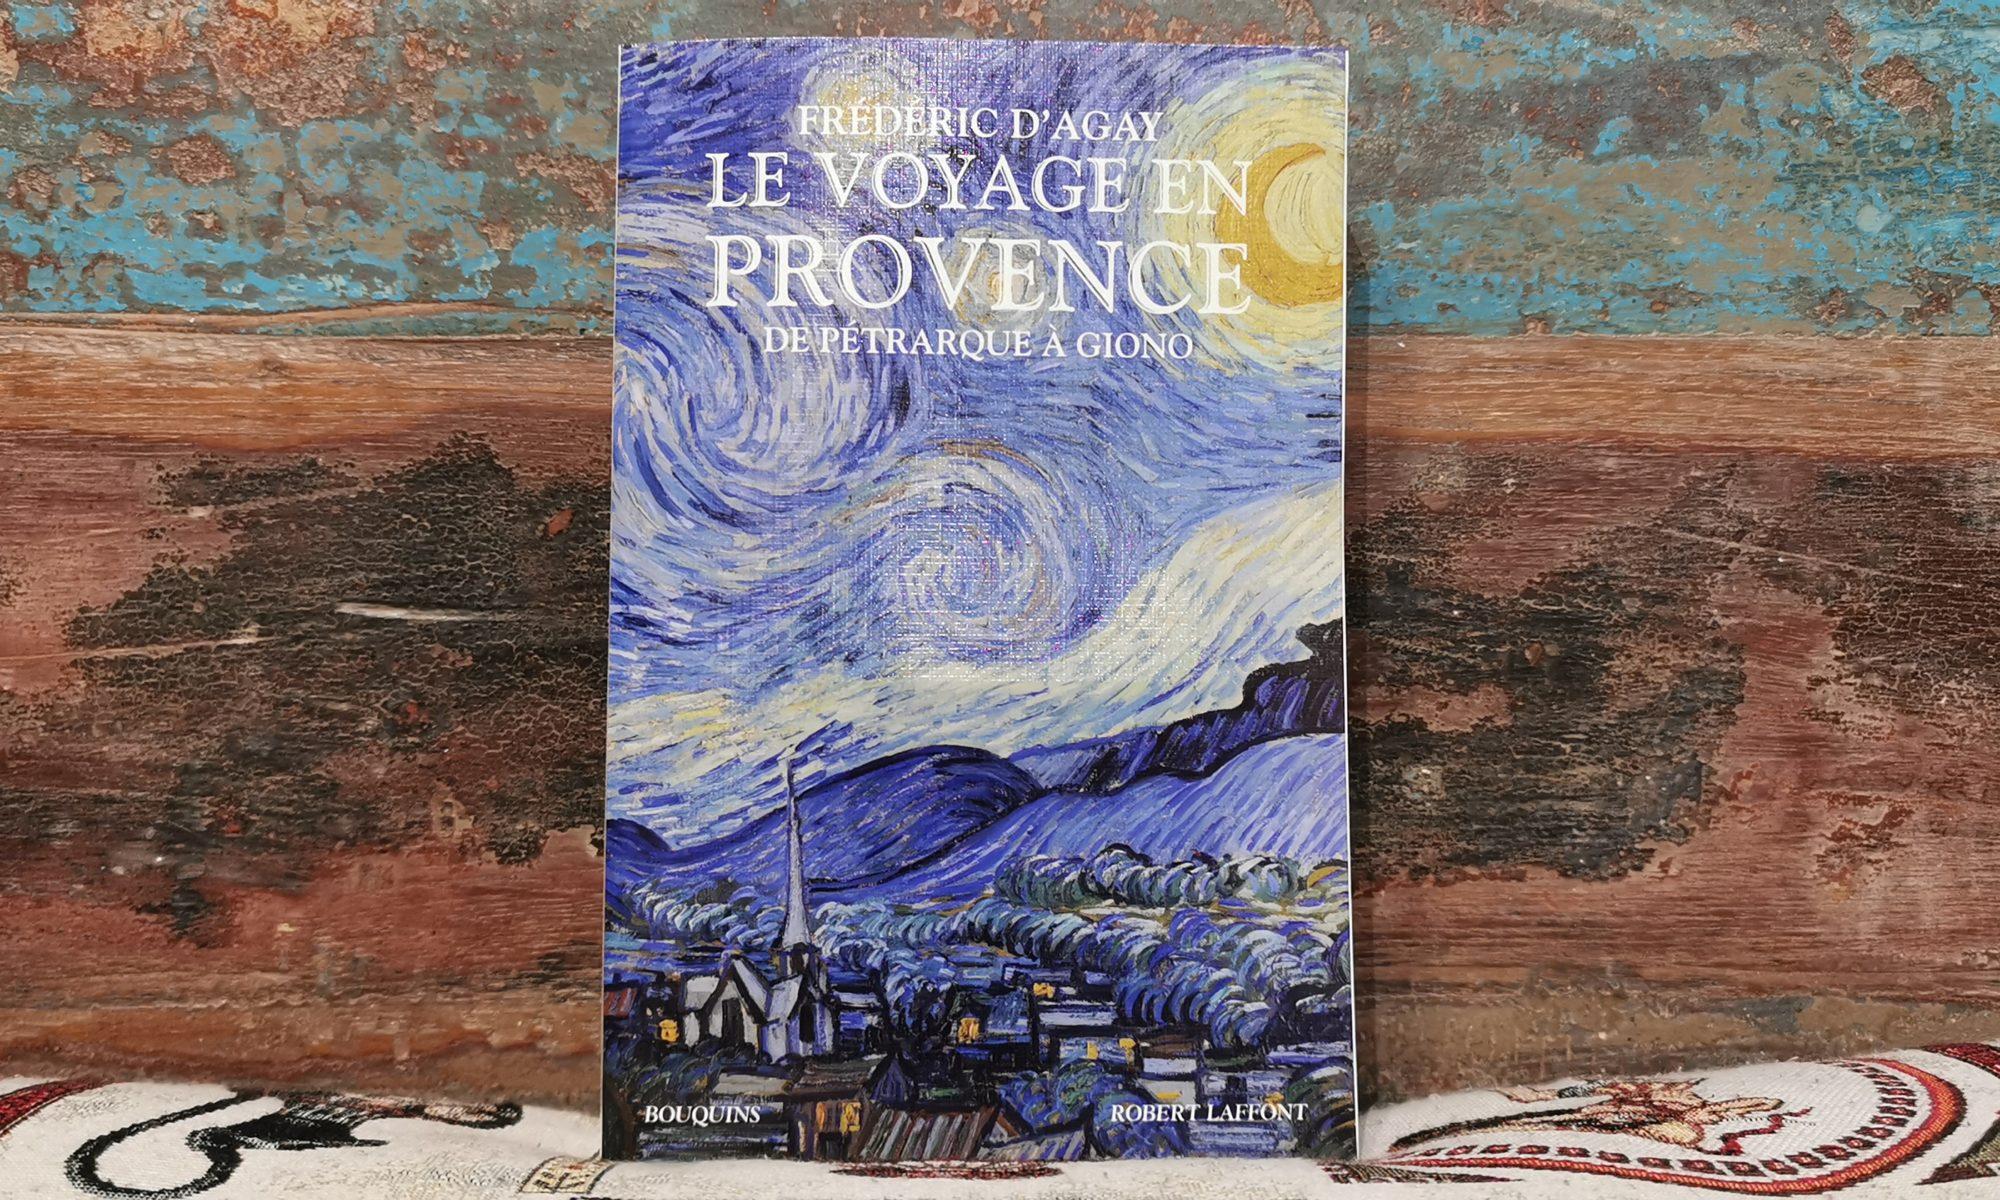 Le voyage en Provence, Frédéric d'Agay, disponible chez De natura rerum à Arles